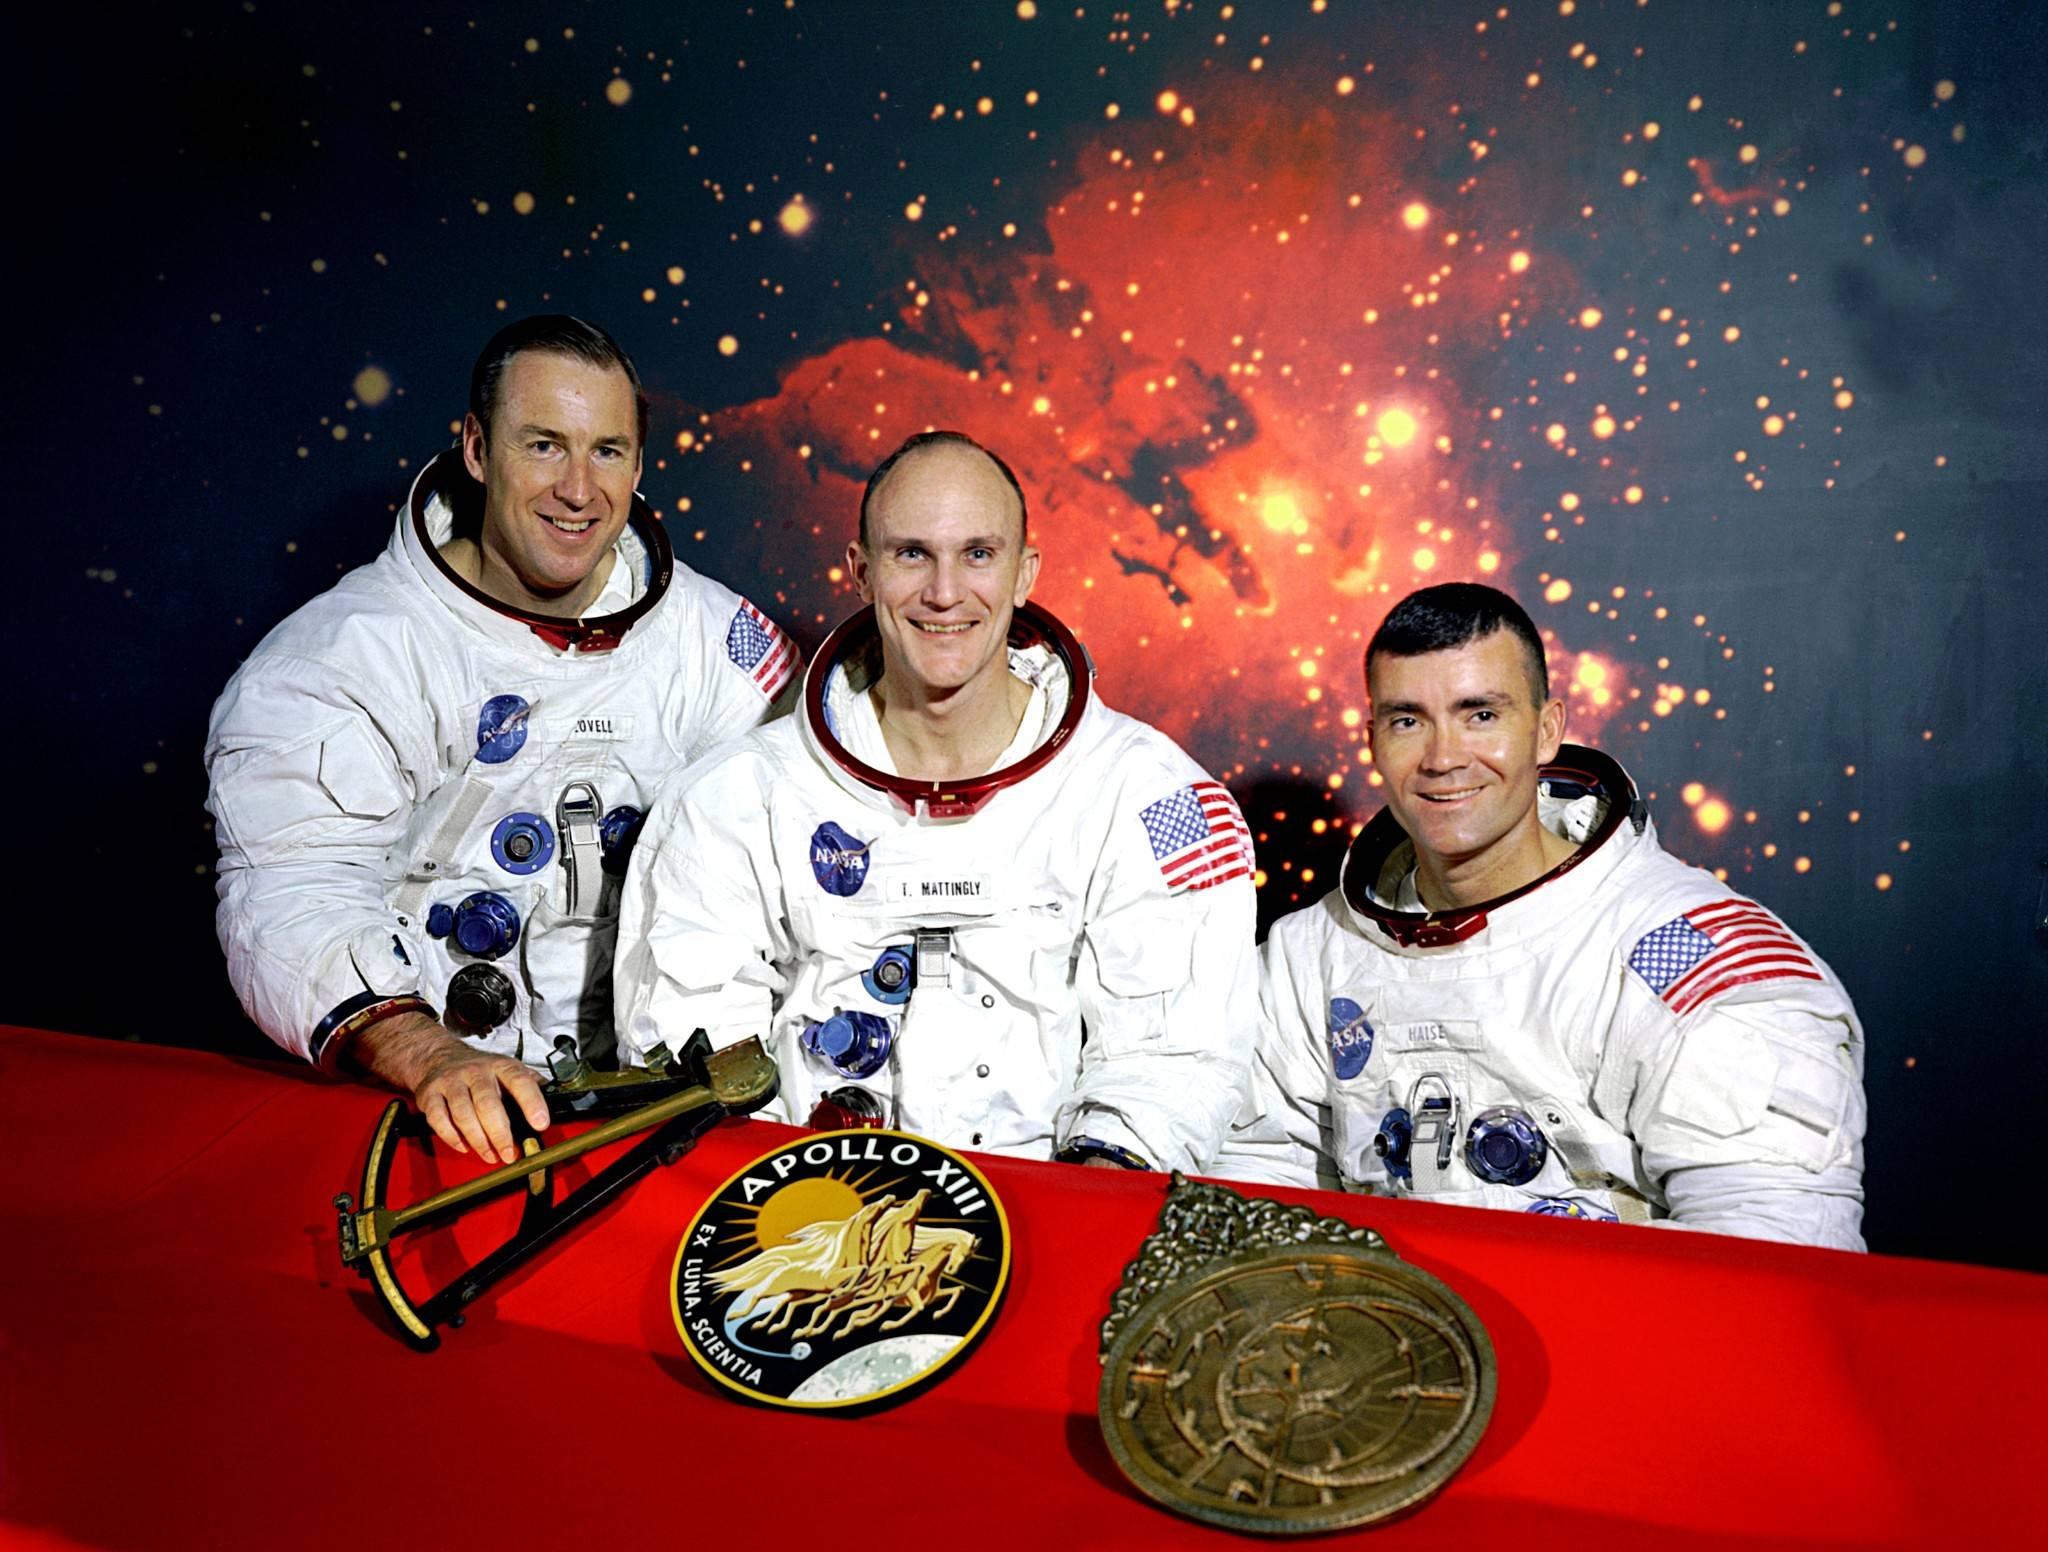 如果宇航员出舱时没有抓紧脱离了宇宙飞船,会出现什么后果?